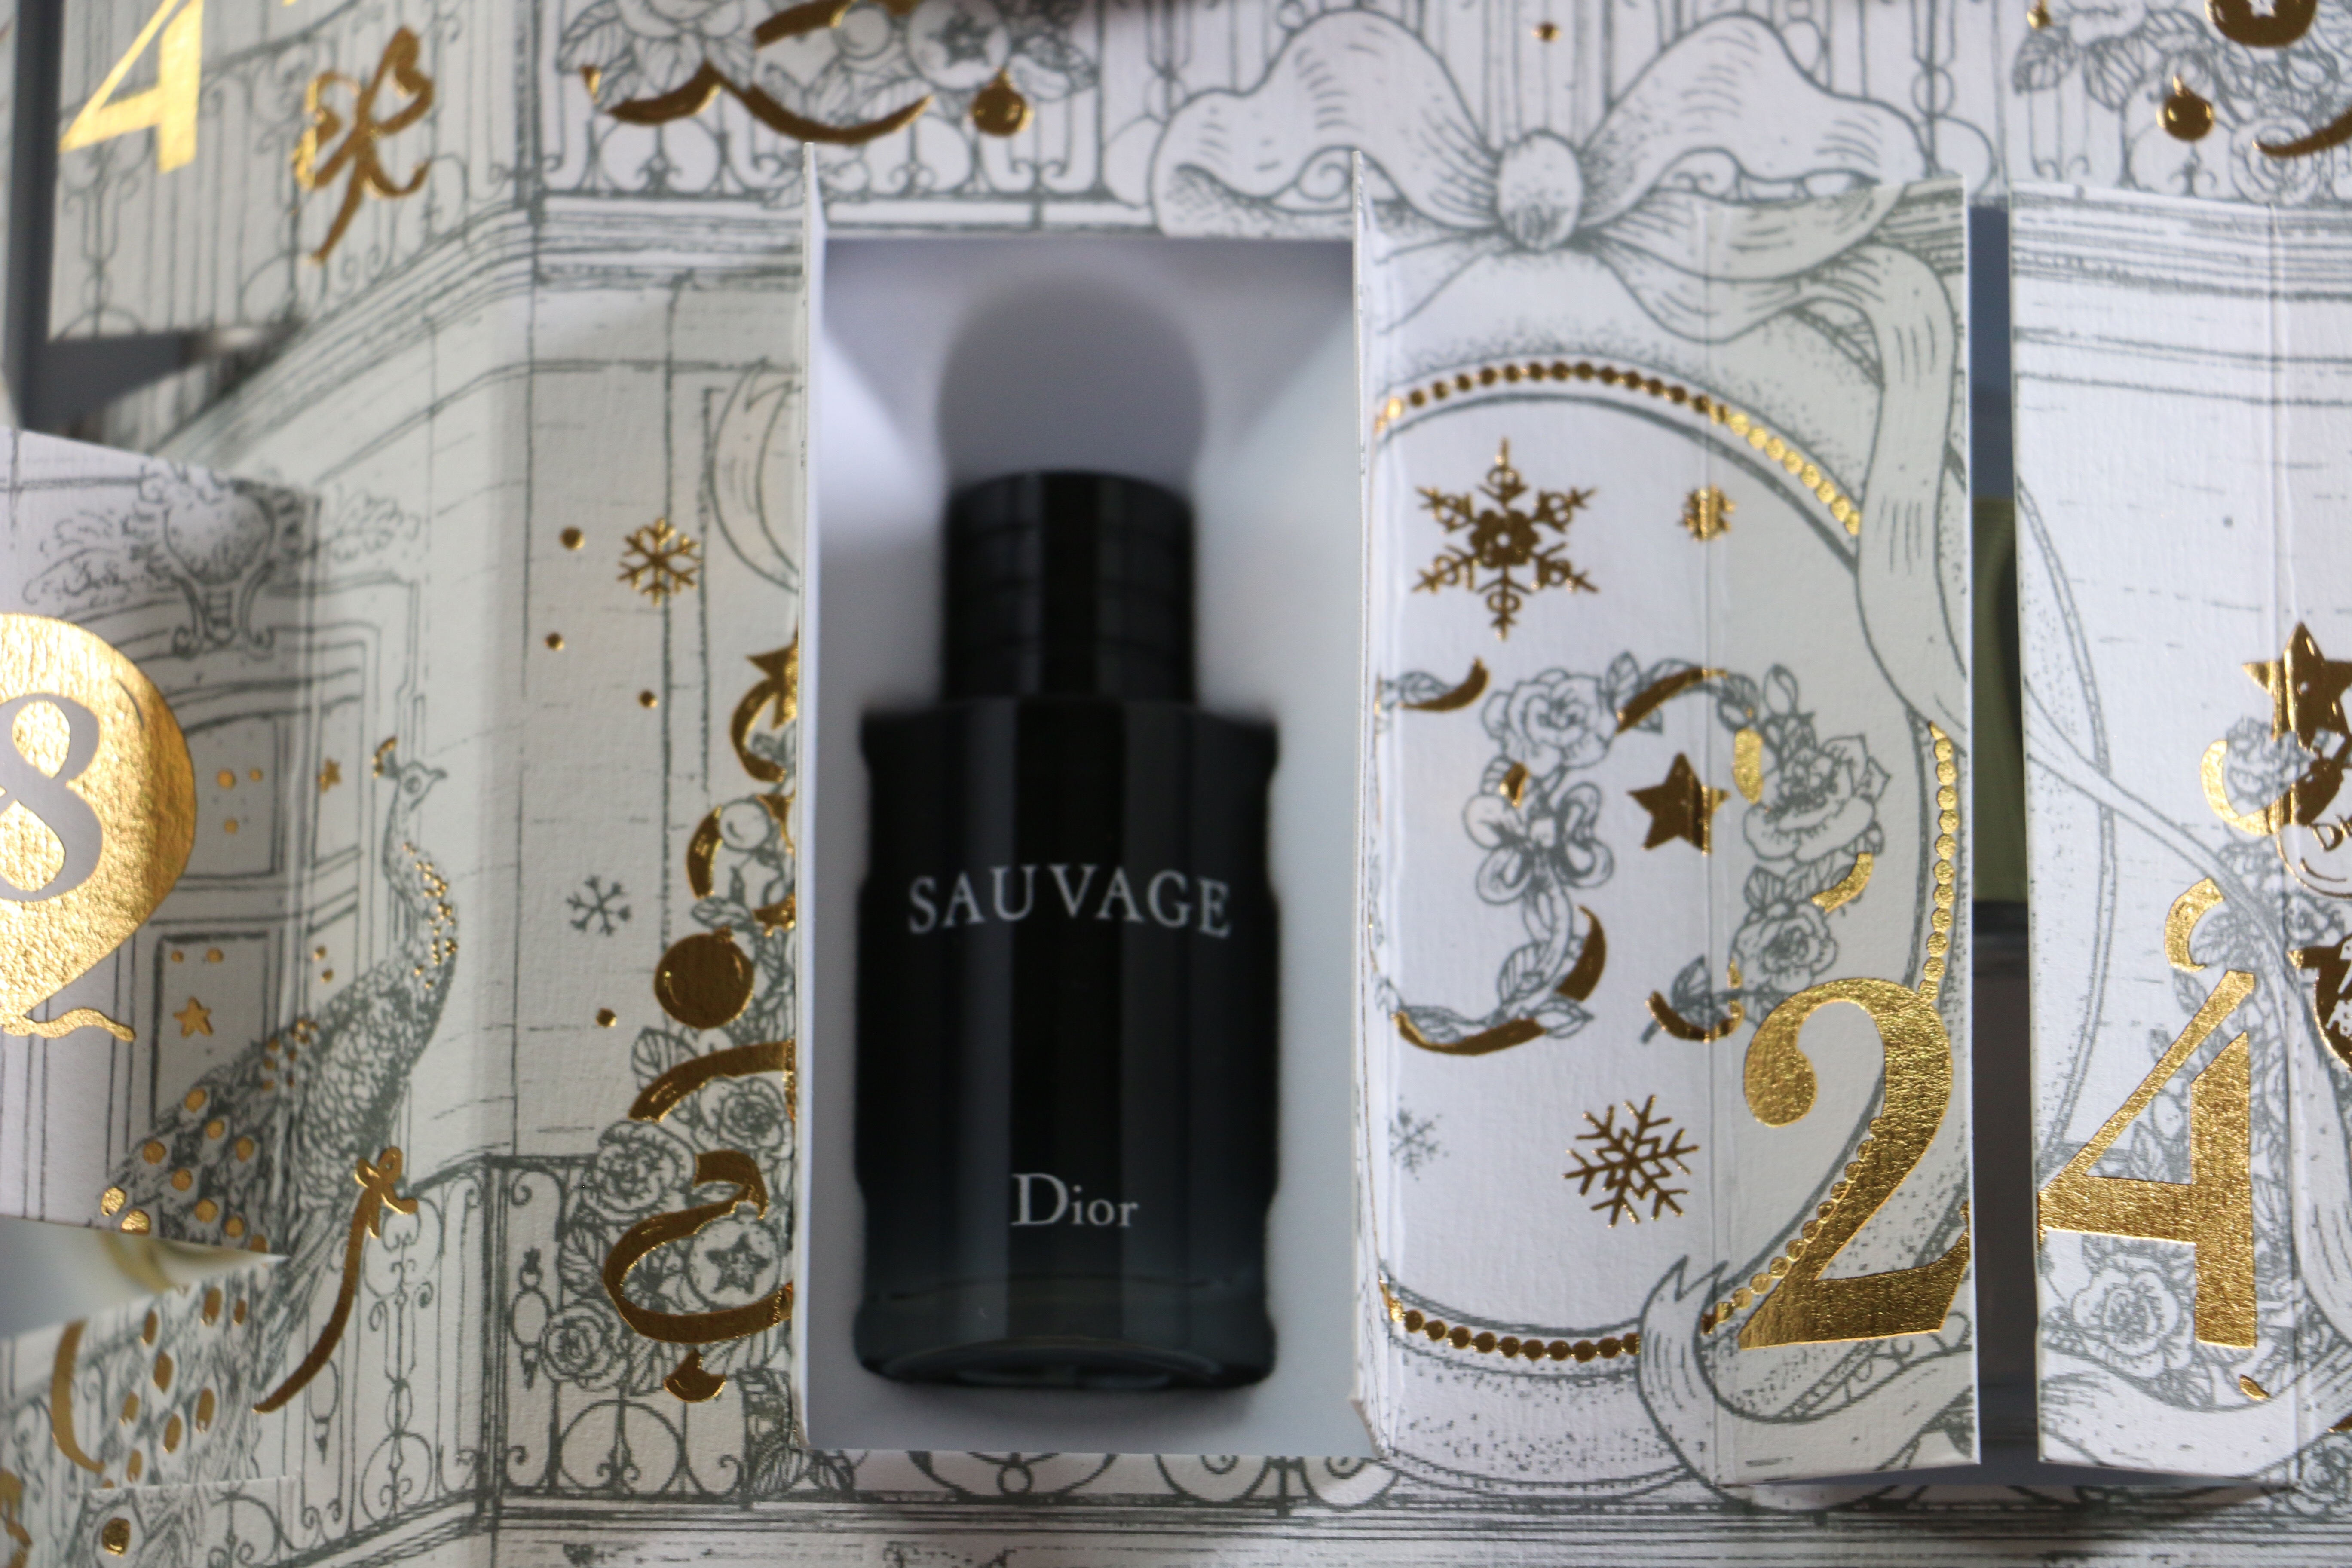 Calendrier Avent Parfum.L Incroyable Calendrier De L Avent De La Maison Dior Barry